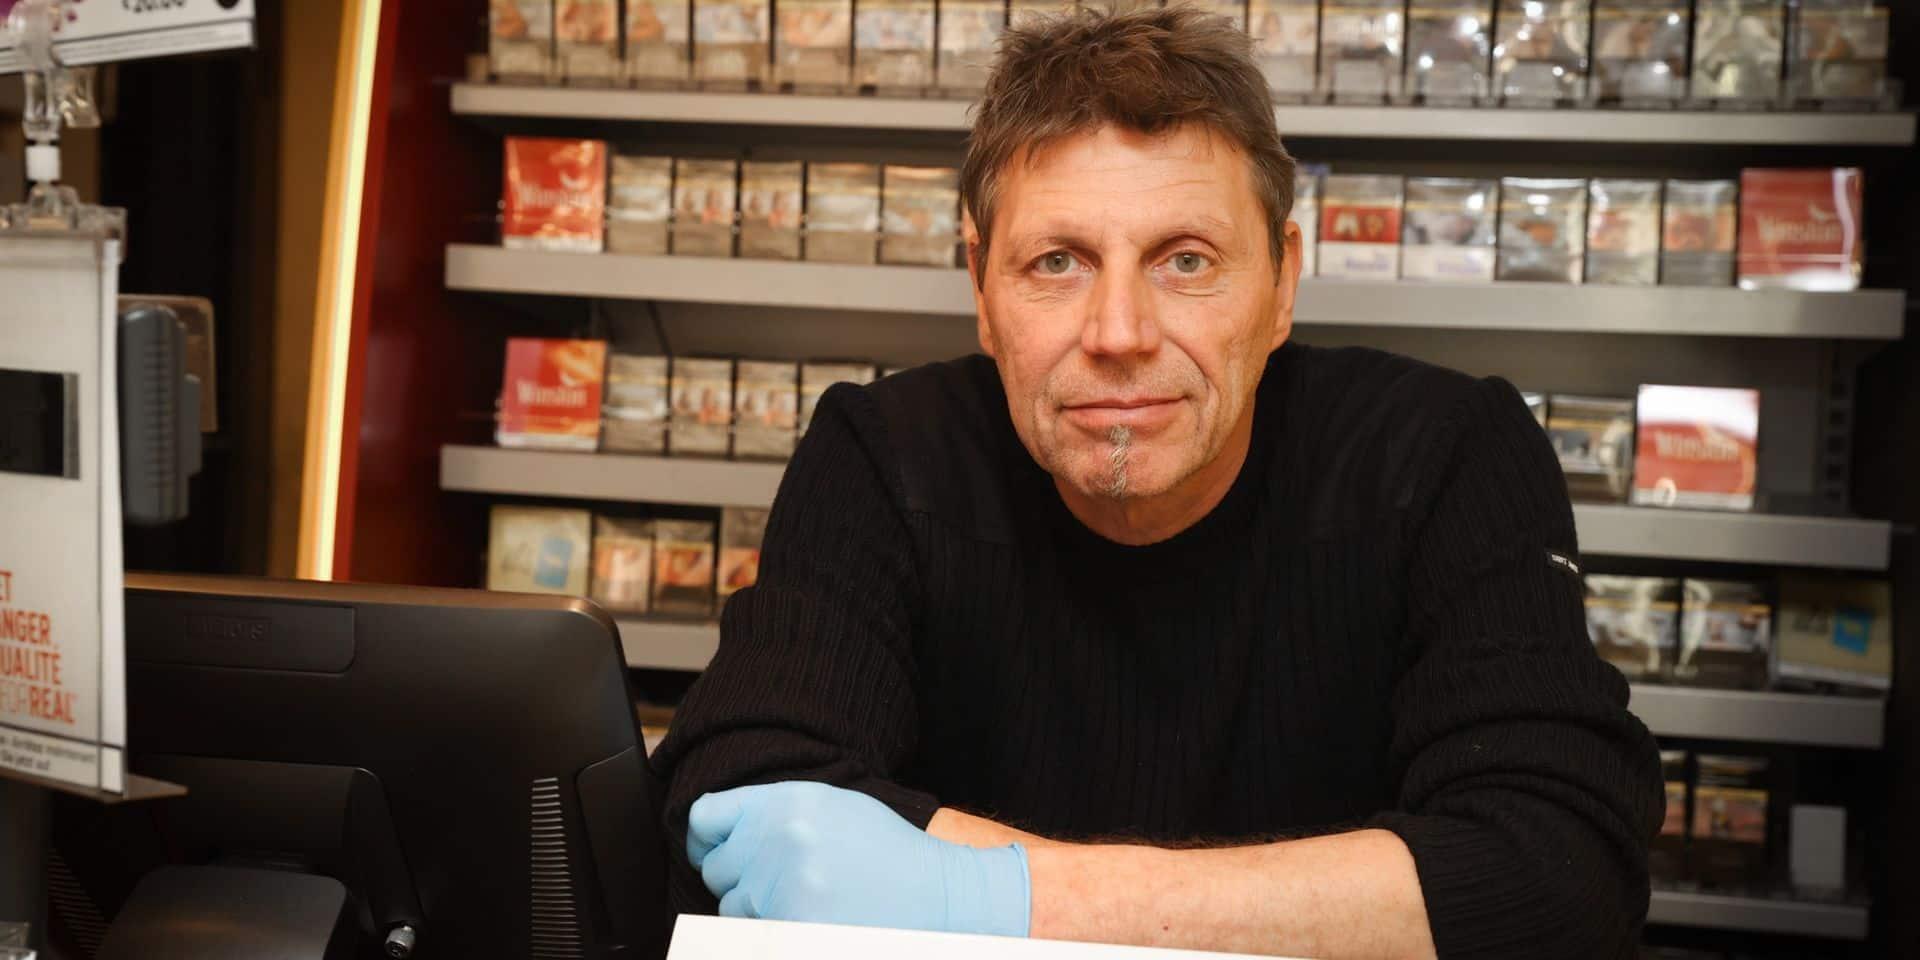 """Philippe, libraire à Jette depuis 28 ans, est un des rares commerces ouverts: """"Les gens sont contents de pouvoir parler"""""""